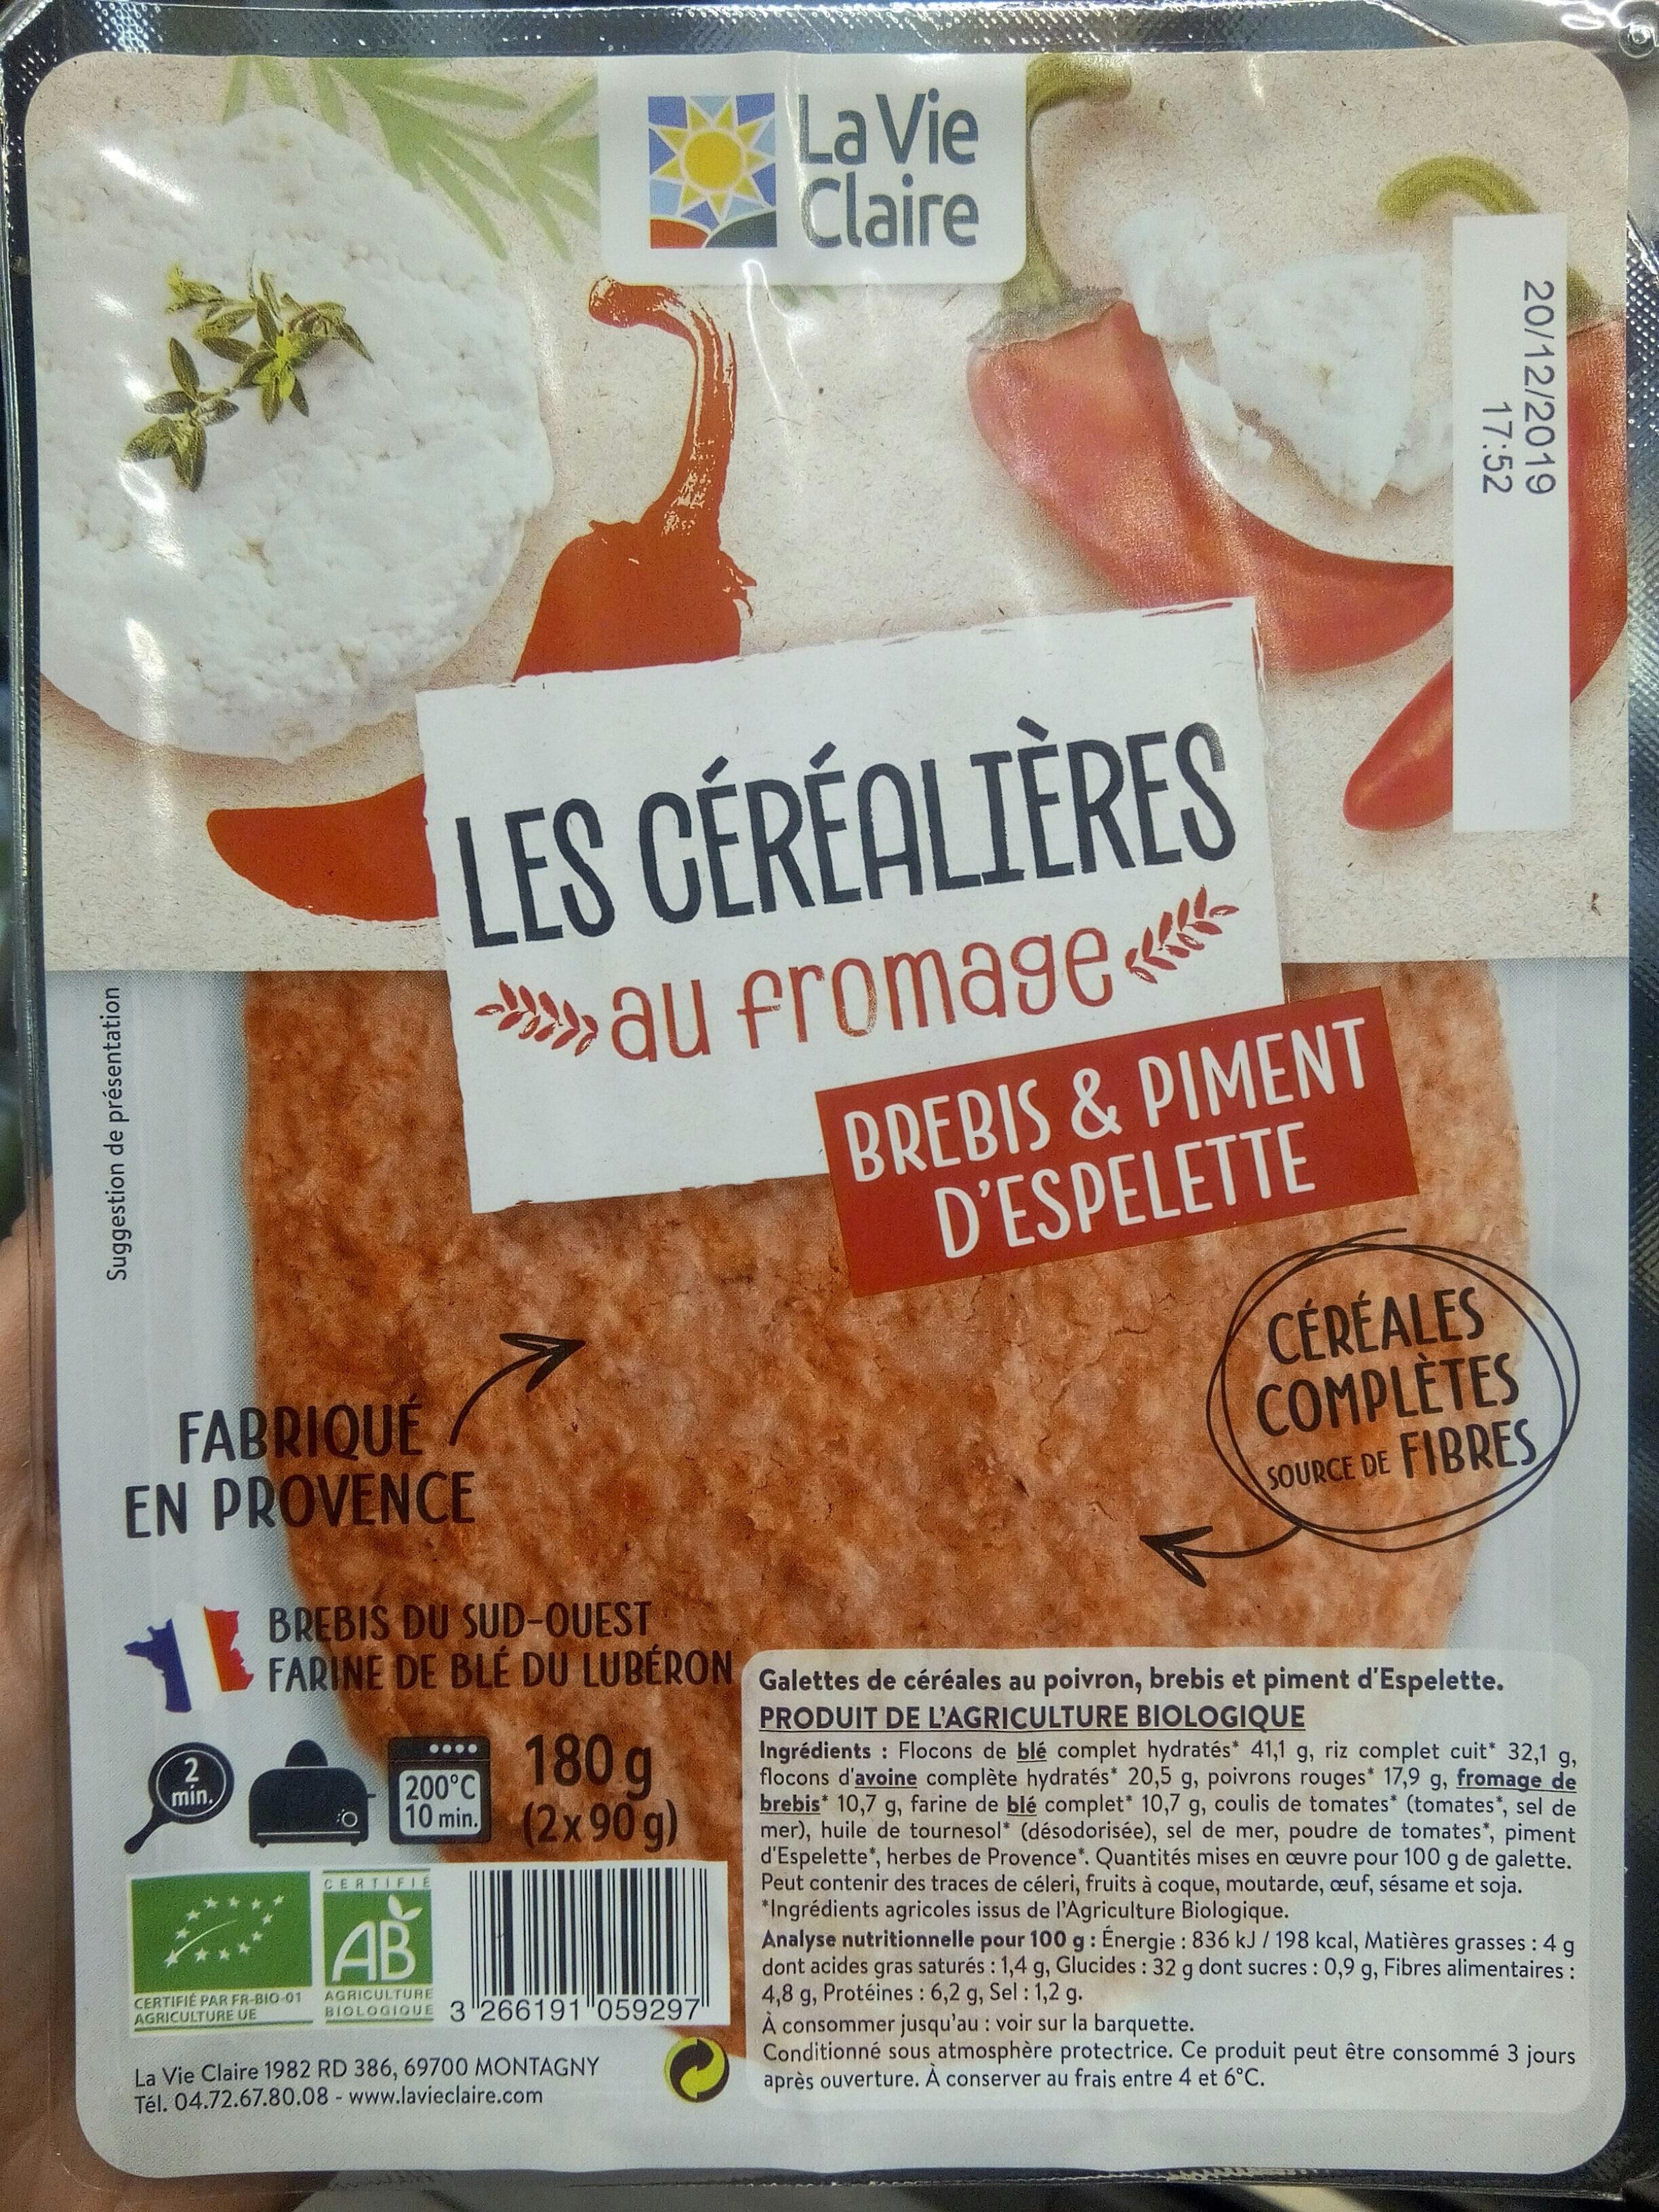 Les cerealiaires au fromage brebis et piment - Product